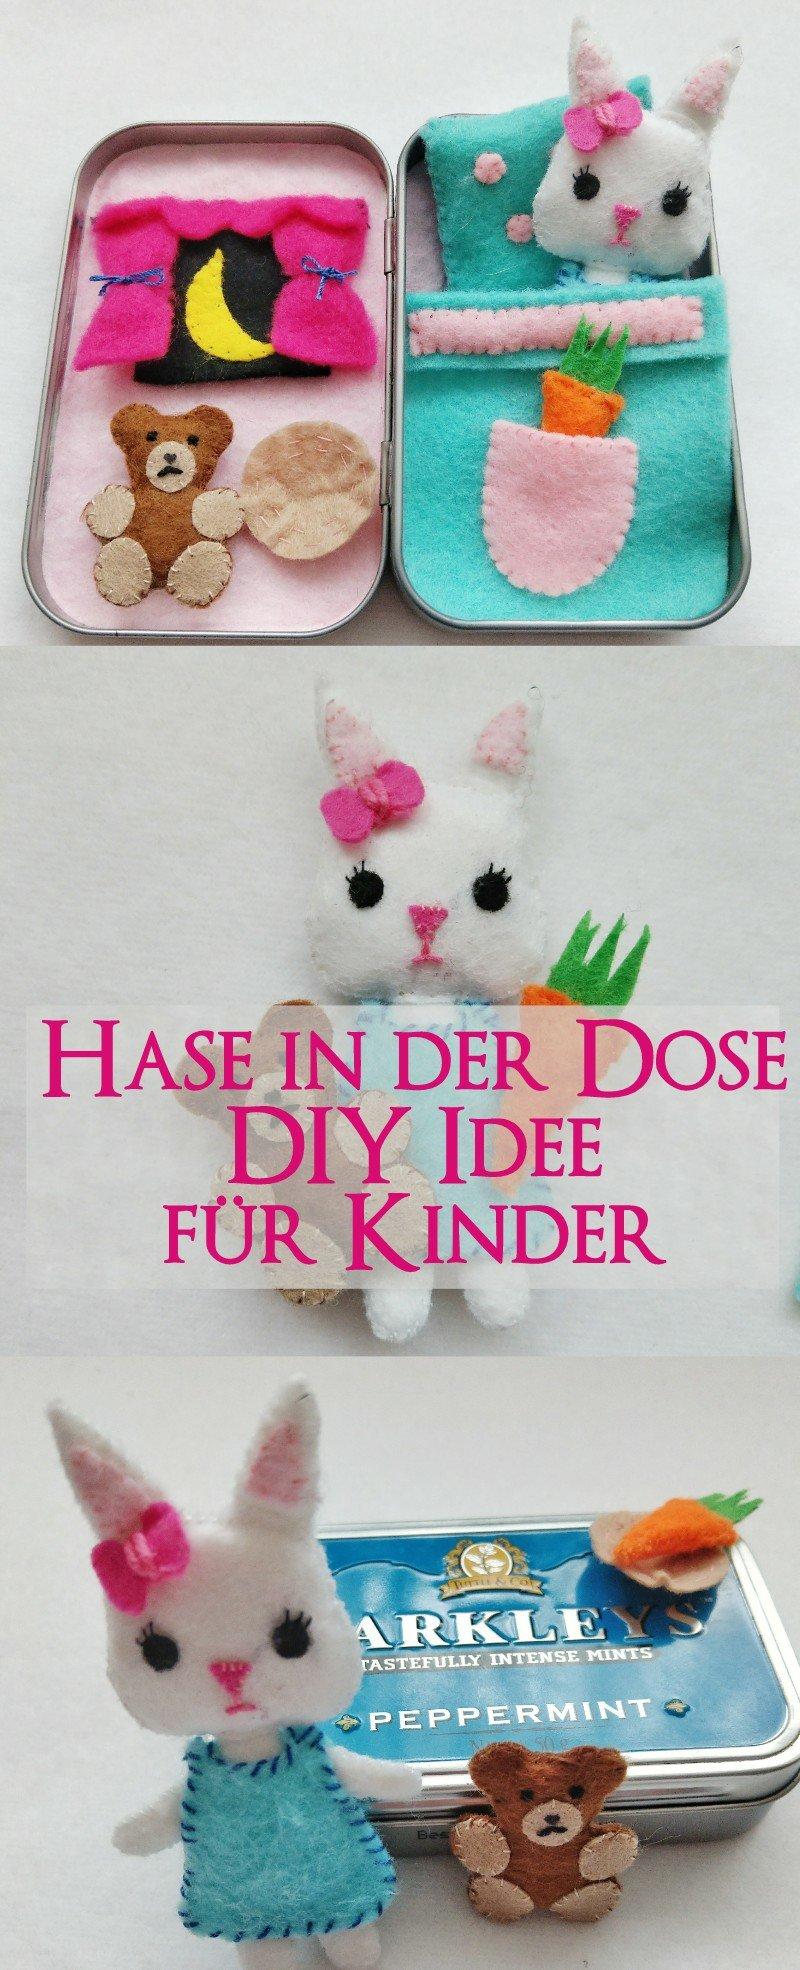 Aus einer alten Bonbon Dose könnt ihr ganz einfach ein süßes Mini Haus basteln. Tolles DIY Spielzeug für unterwegs oder als Geschenkidee. Hase in der Dose für Kinder selbermachen. #dosenhaus #diyidee #minihaus #spielhaus